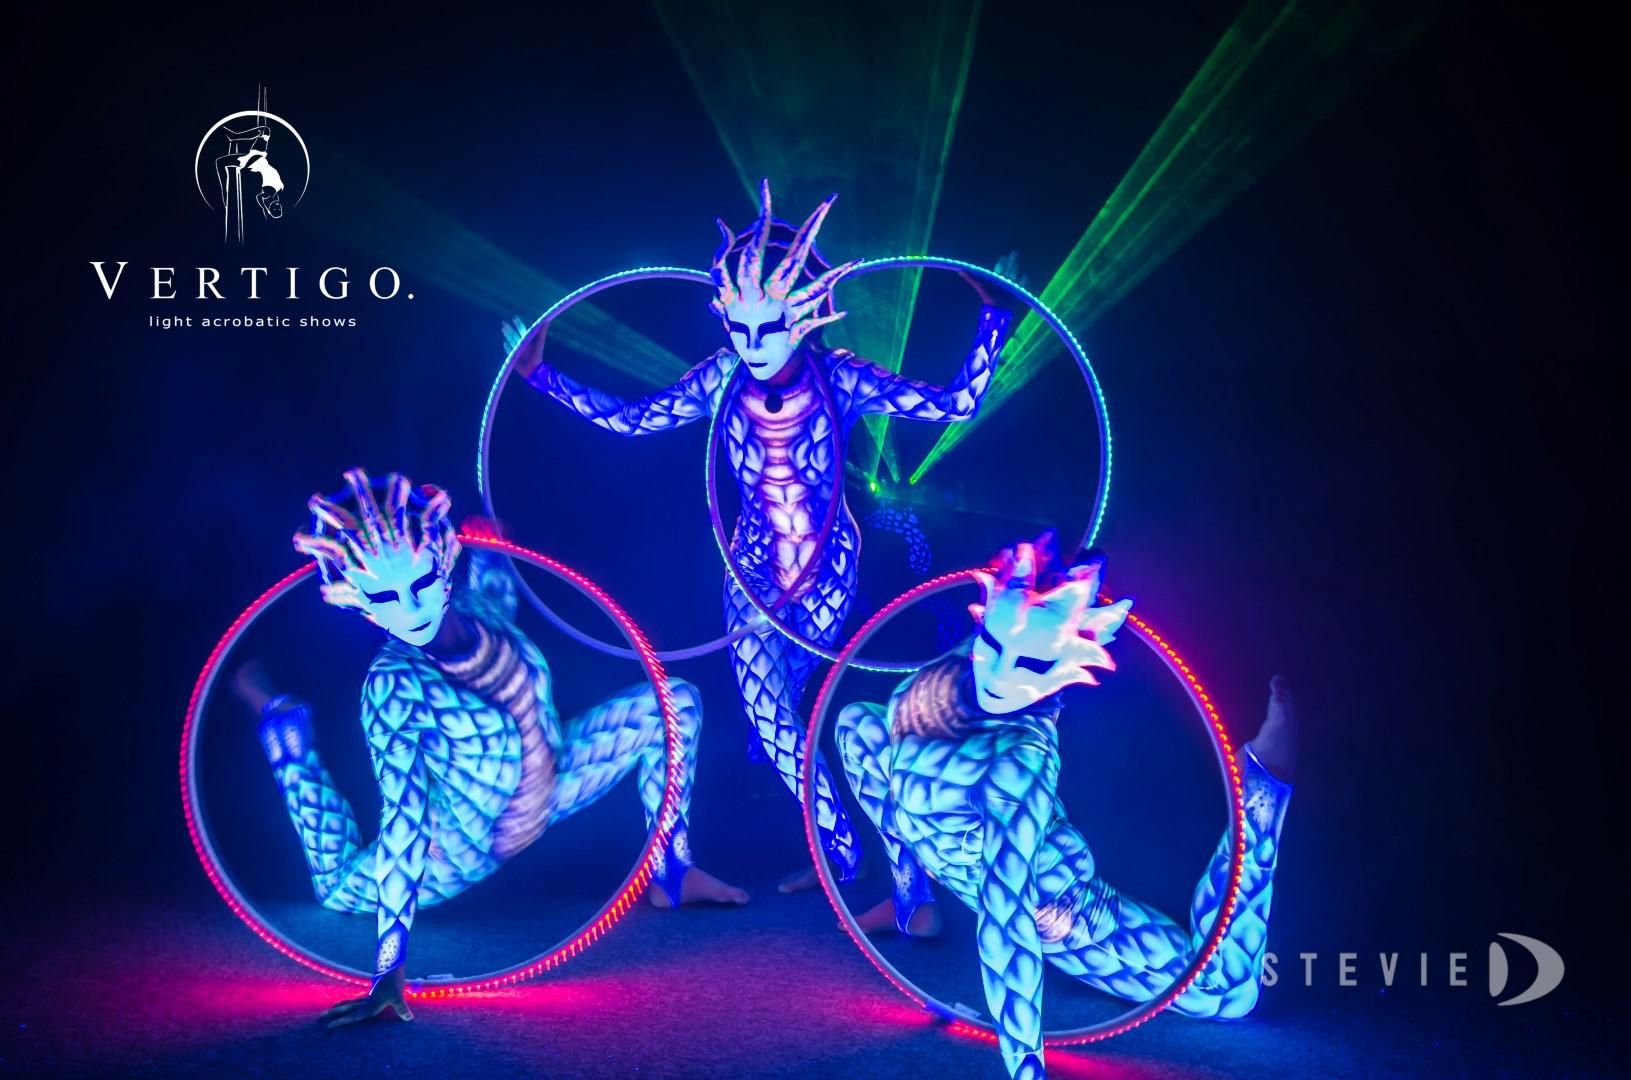 vertigo light uv show human light new generation of light show